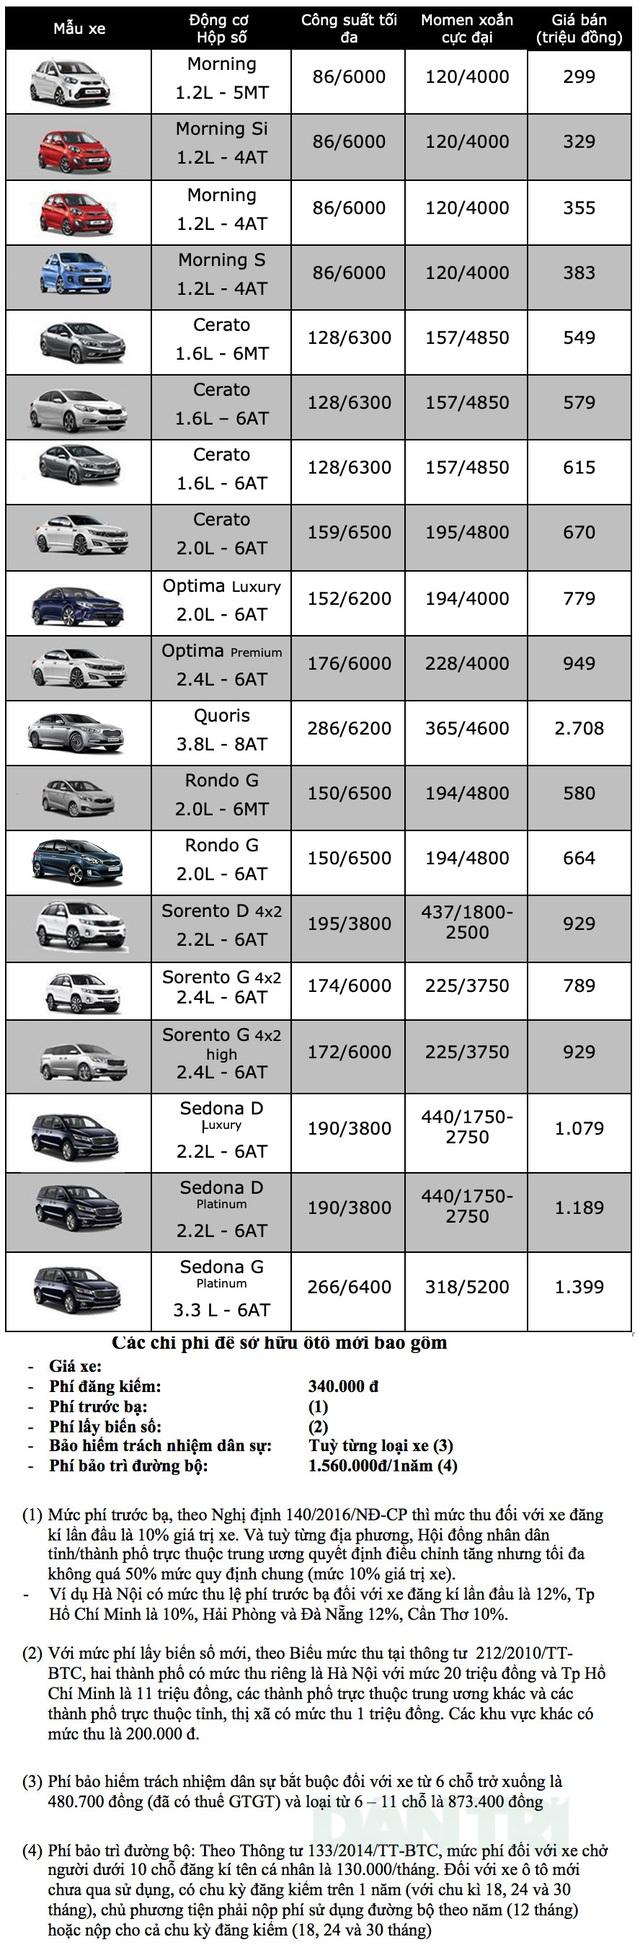 Bảng giá KIA tại Việt Nam cập nhật tháng 9/2019 - 2